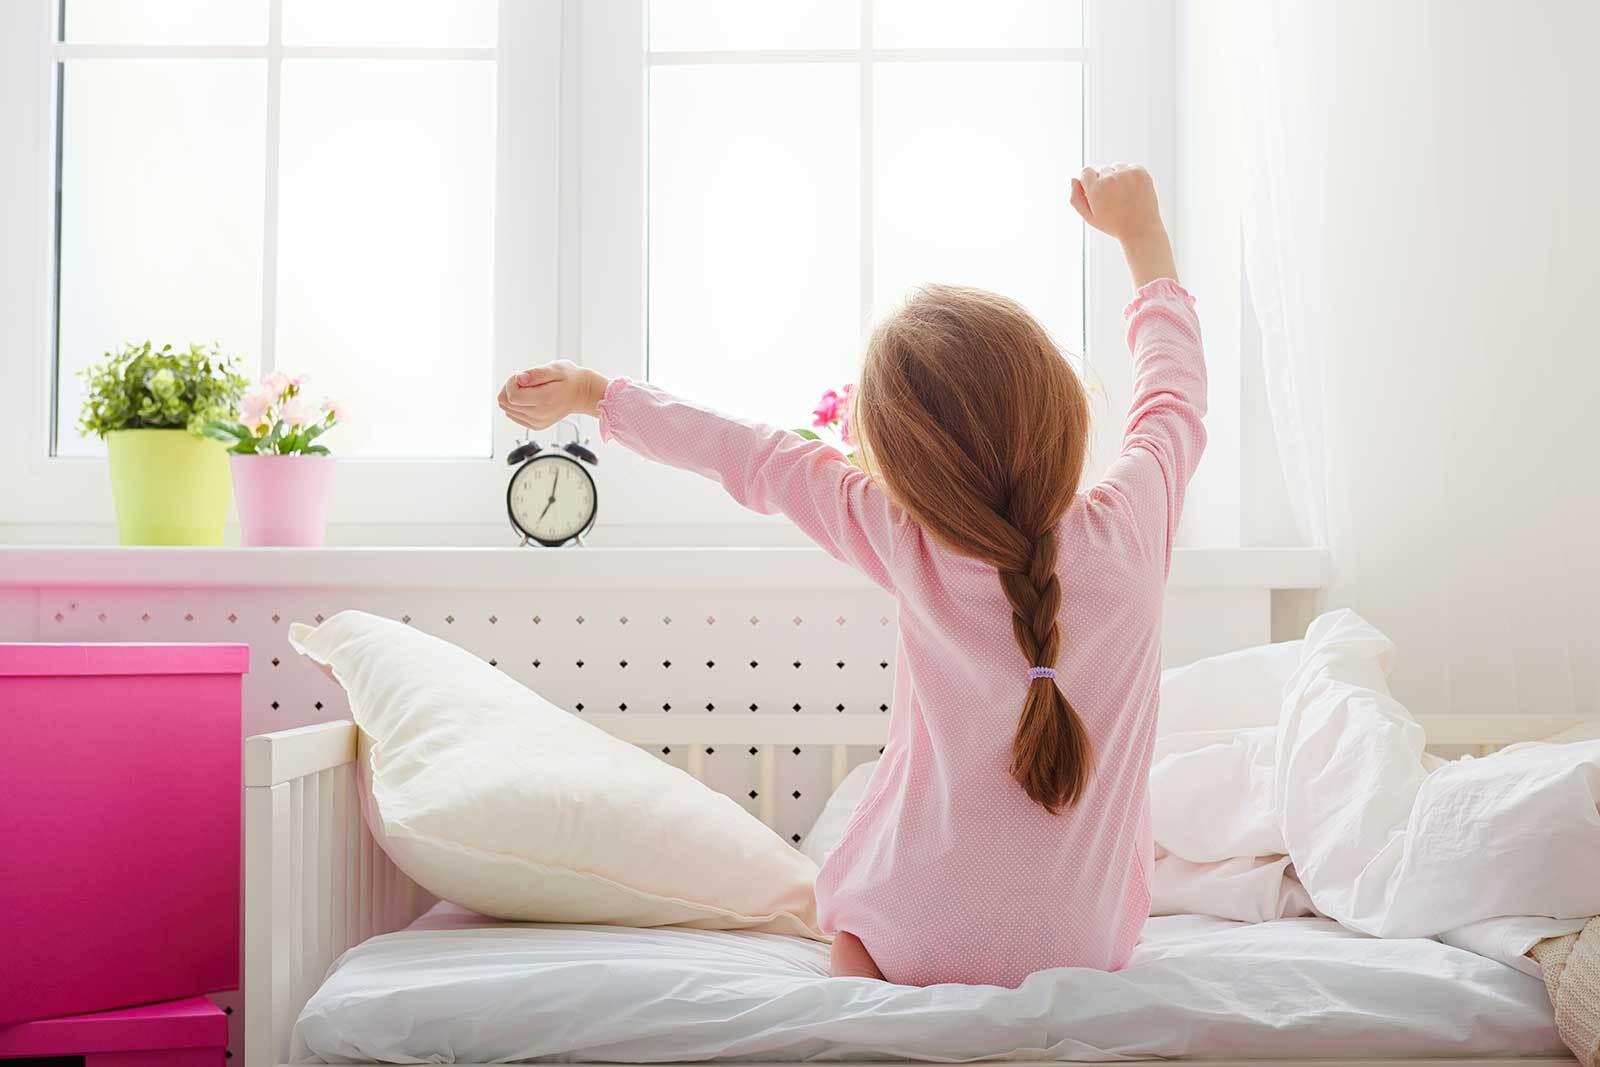 4 semplici cose che dovremmo fare al mattino per stare meglio - Cose semplici da cucinare ...